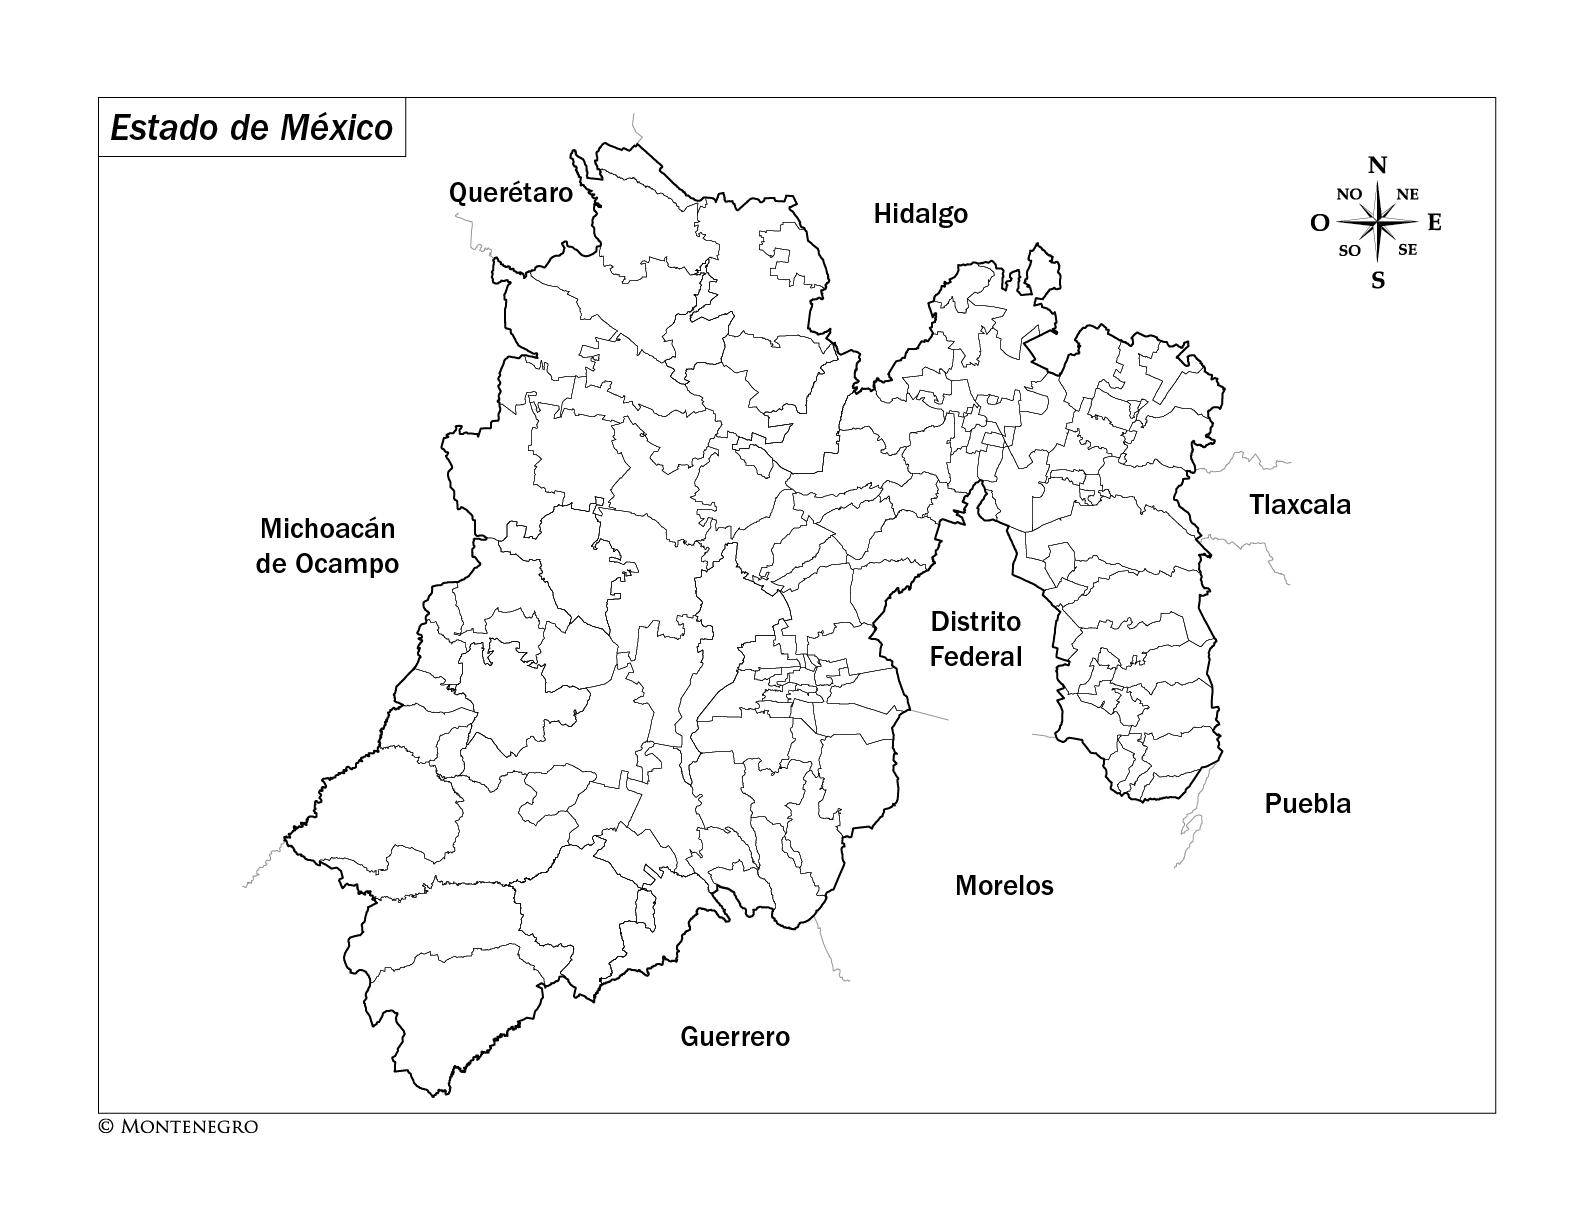 mapa del estado de mexico para colorear